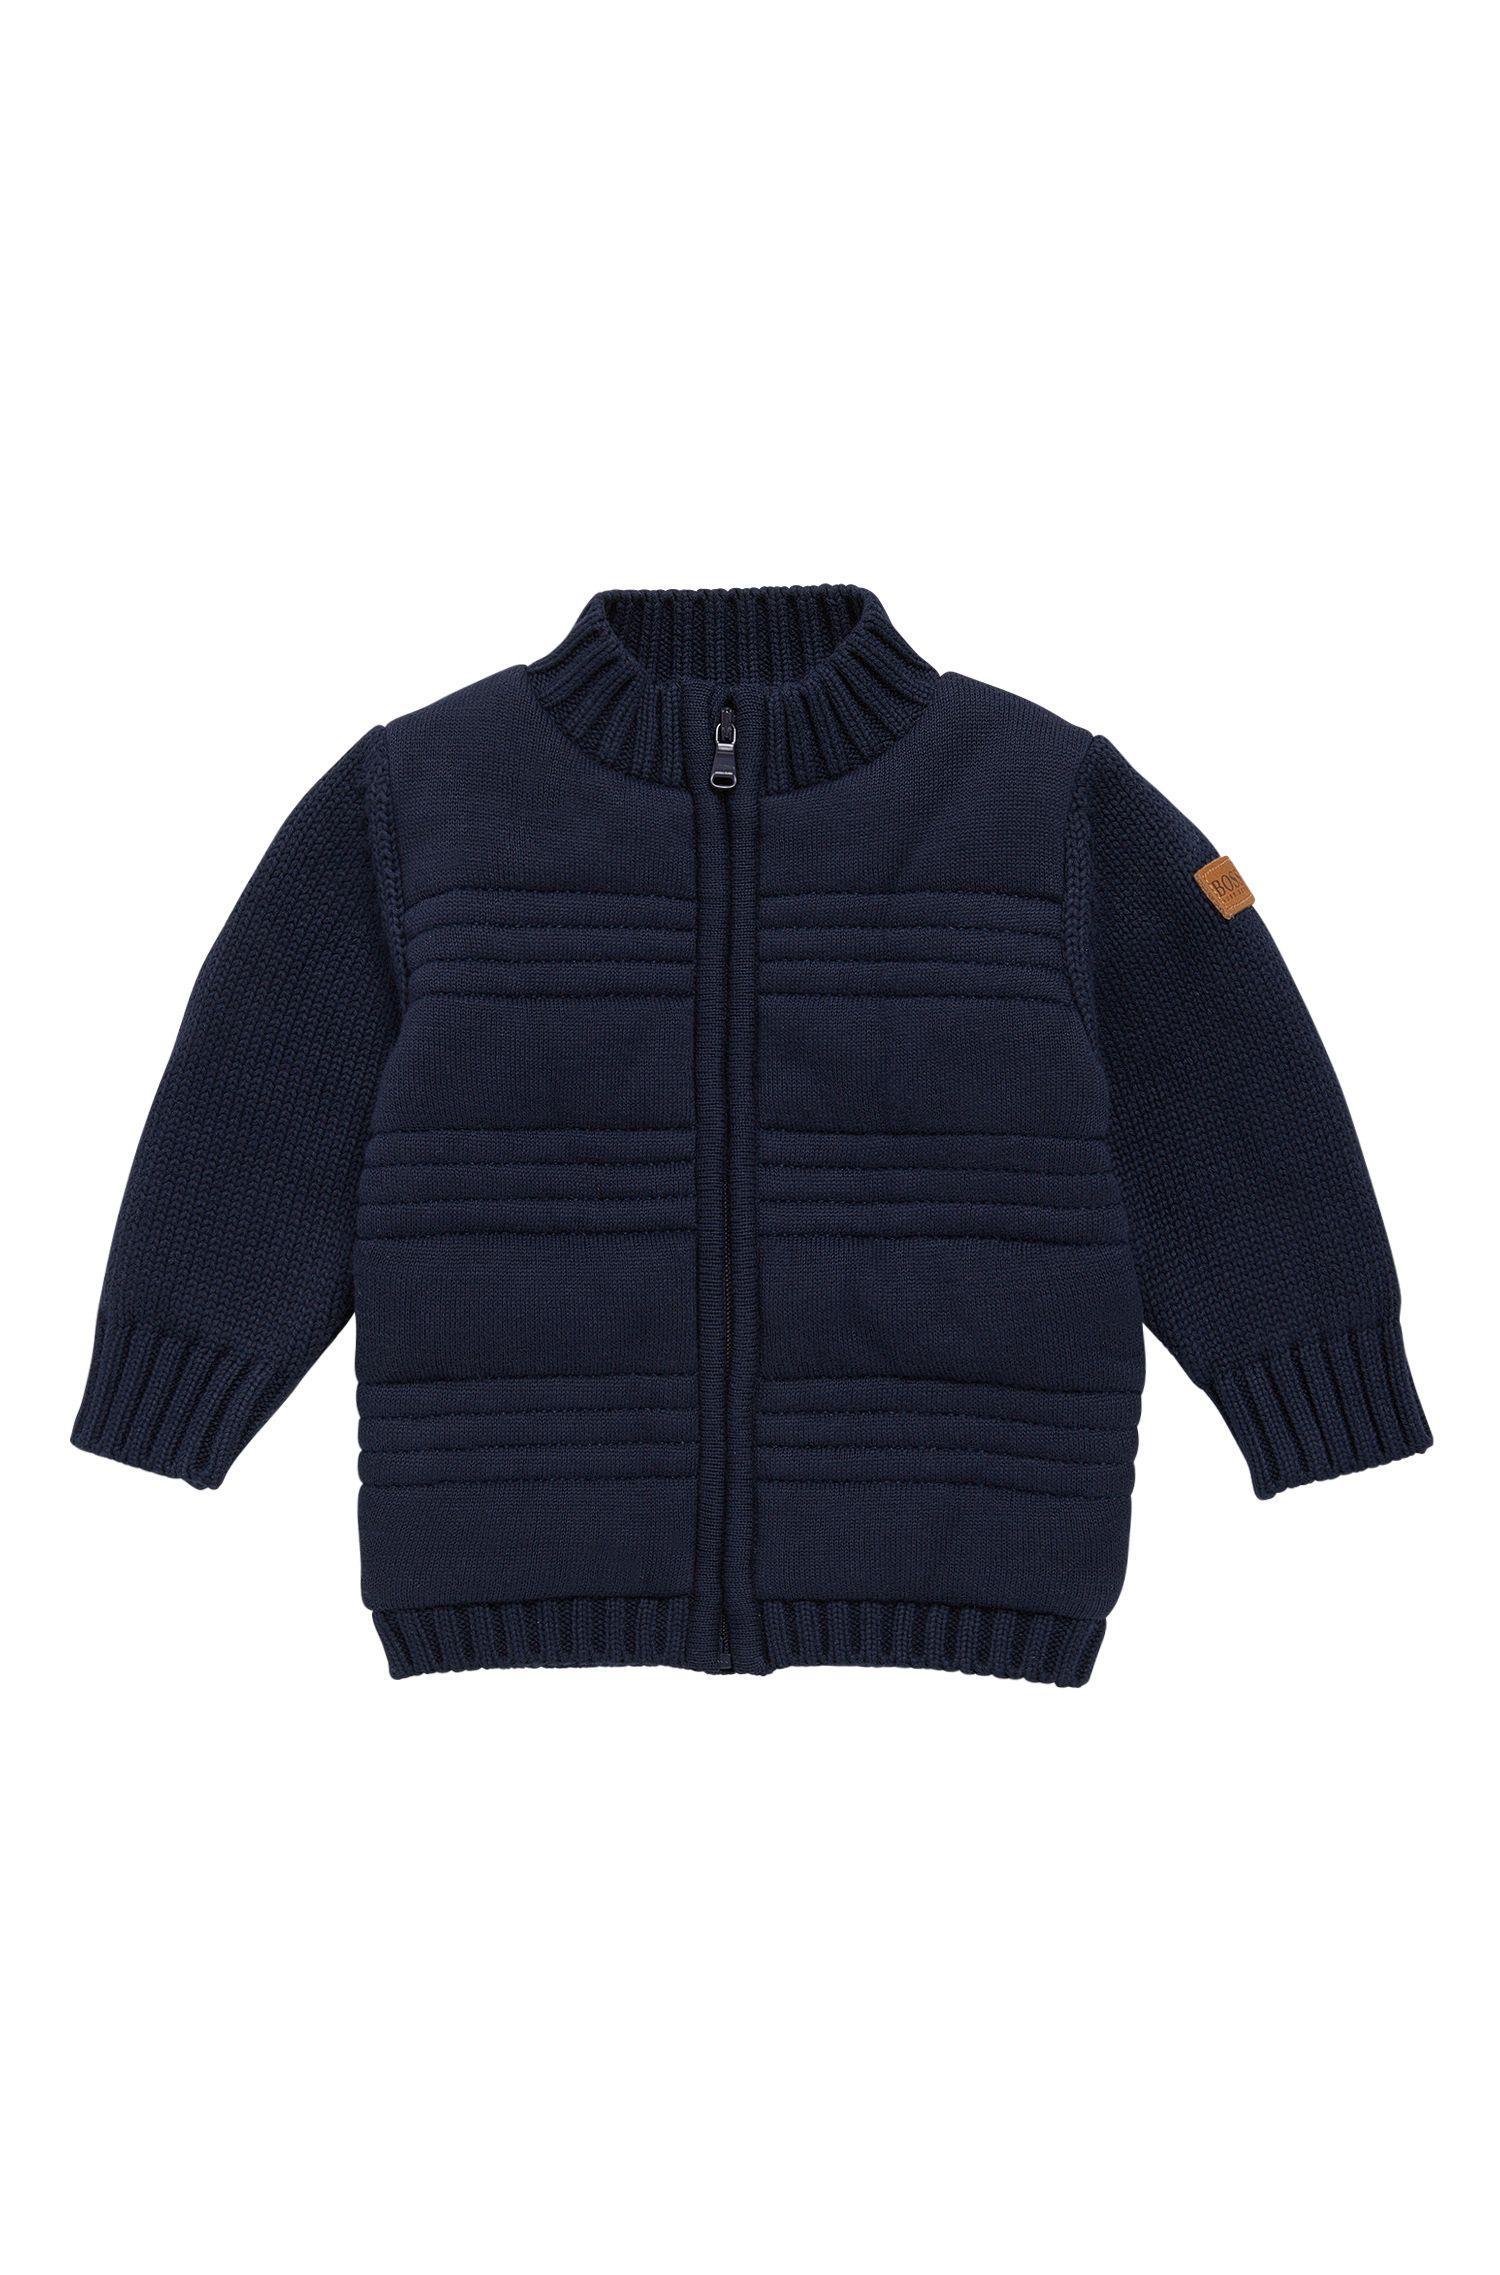 Cardigan pour bébé en coton, doublé sur le devant: «J05522»